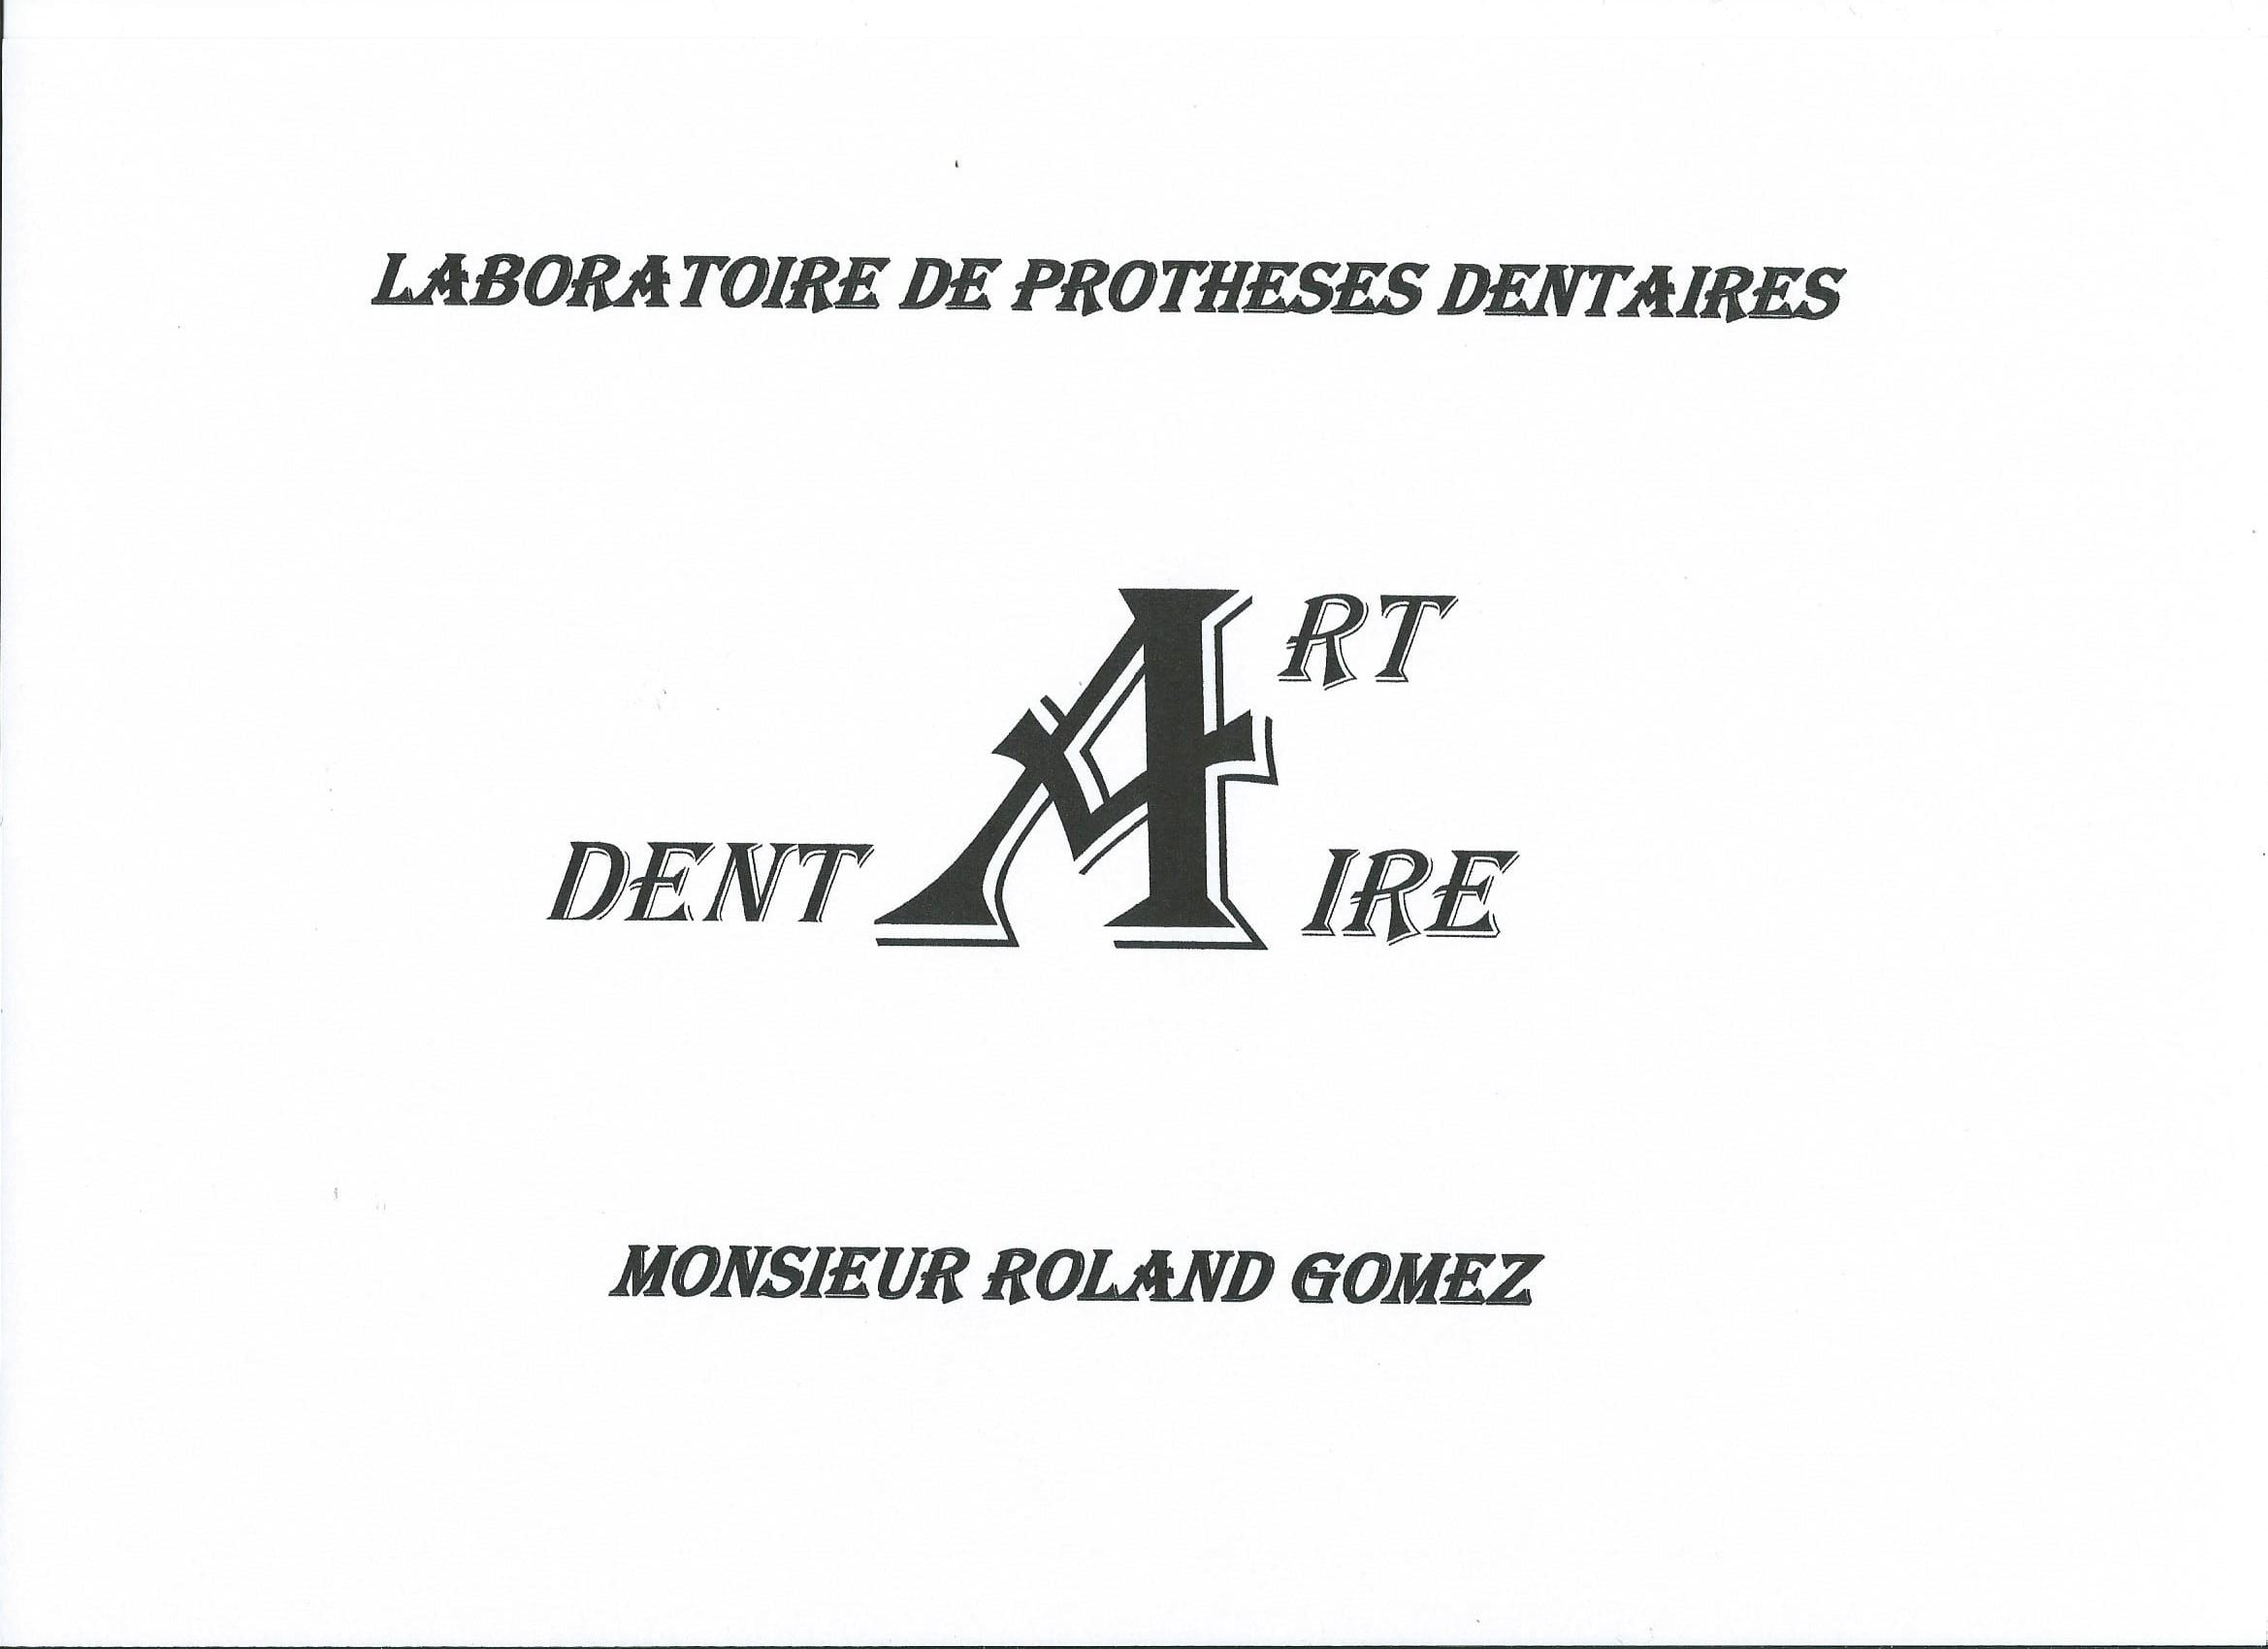 emploi laboratoire de prothese dentaire art dentaire